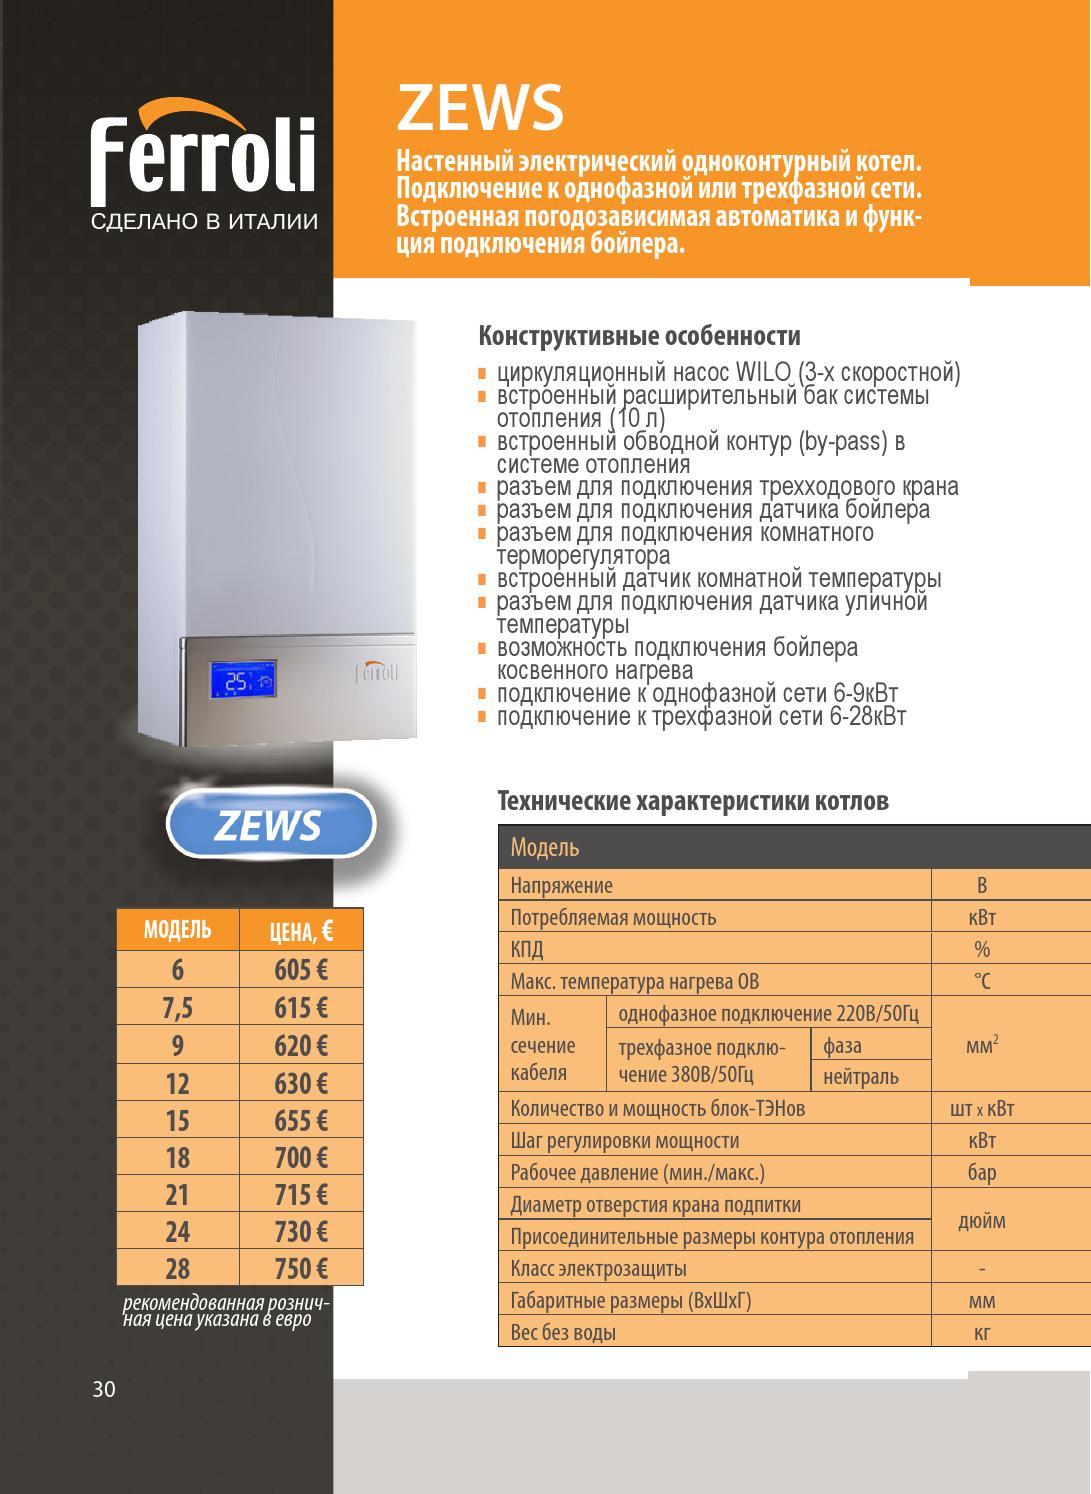 Газовый котел ferroli fortuna f24 pro: инструкция по эксплуатации, технические характеристики и отзывы владельцев